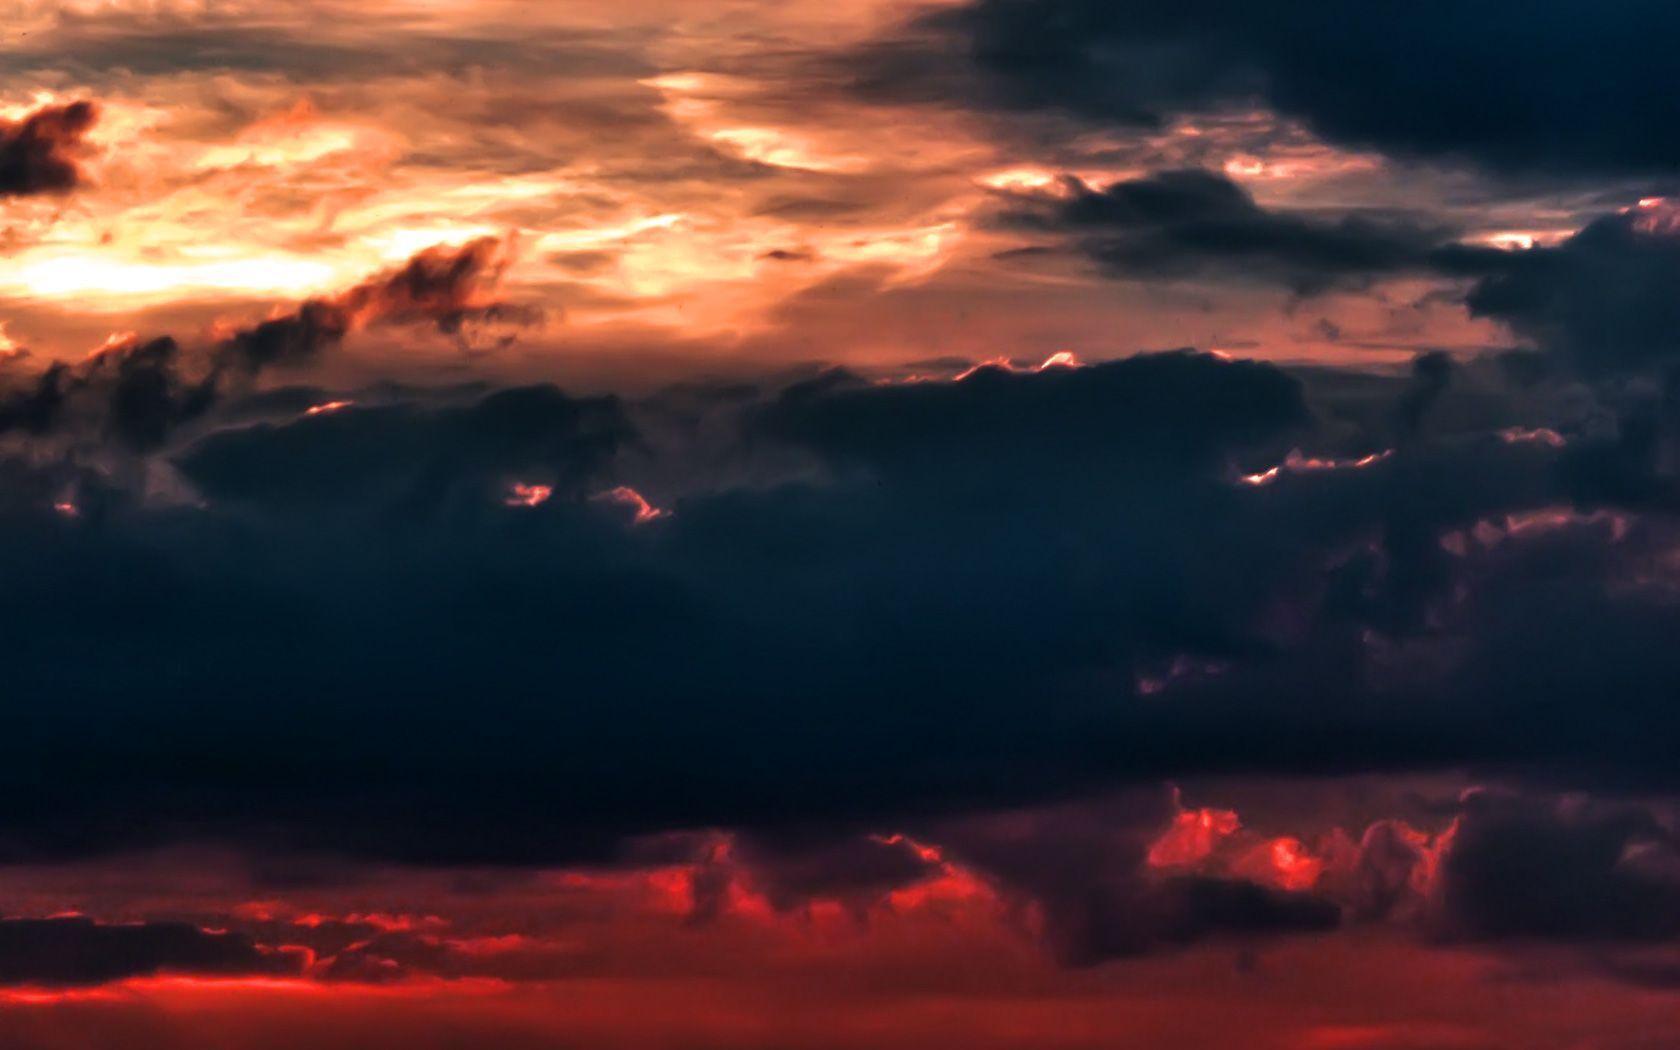 Dark Sky Image